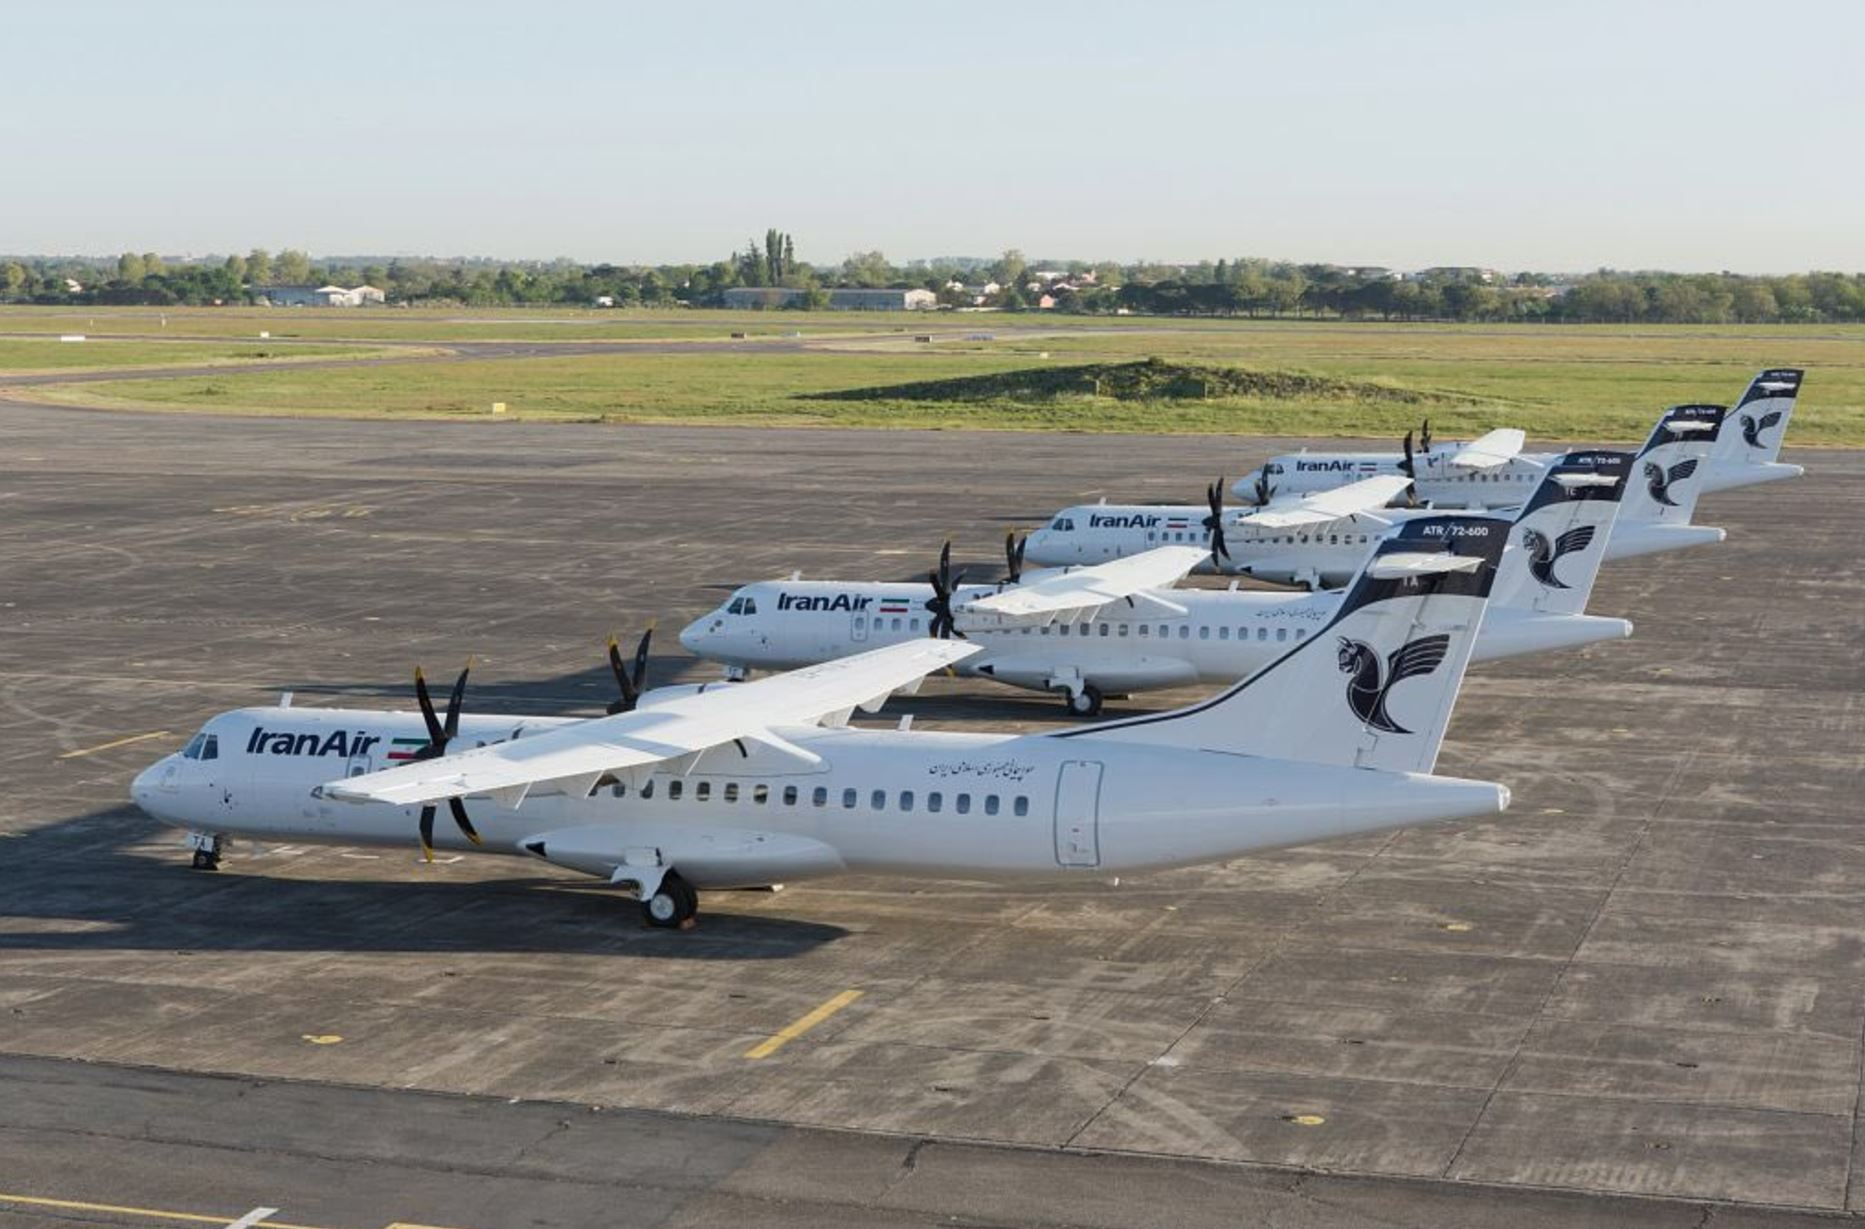 Первые четыре региональных турбовинтовых пассажирских самолета ATR 72-600, полученные иранской авиакомпанией Iran Air по контракту 2016 года на 20 таких самолетов. 16.05.2017.